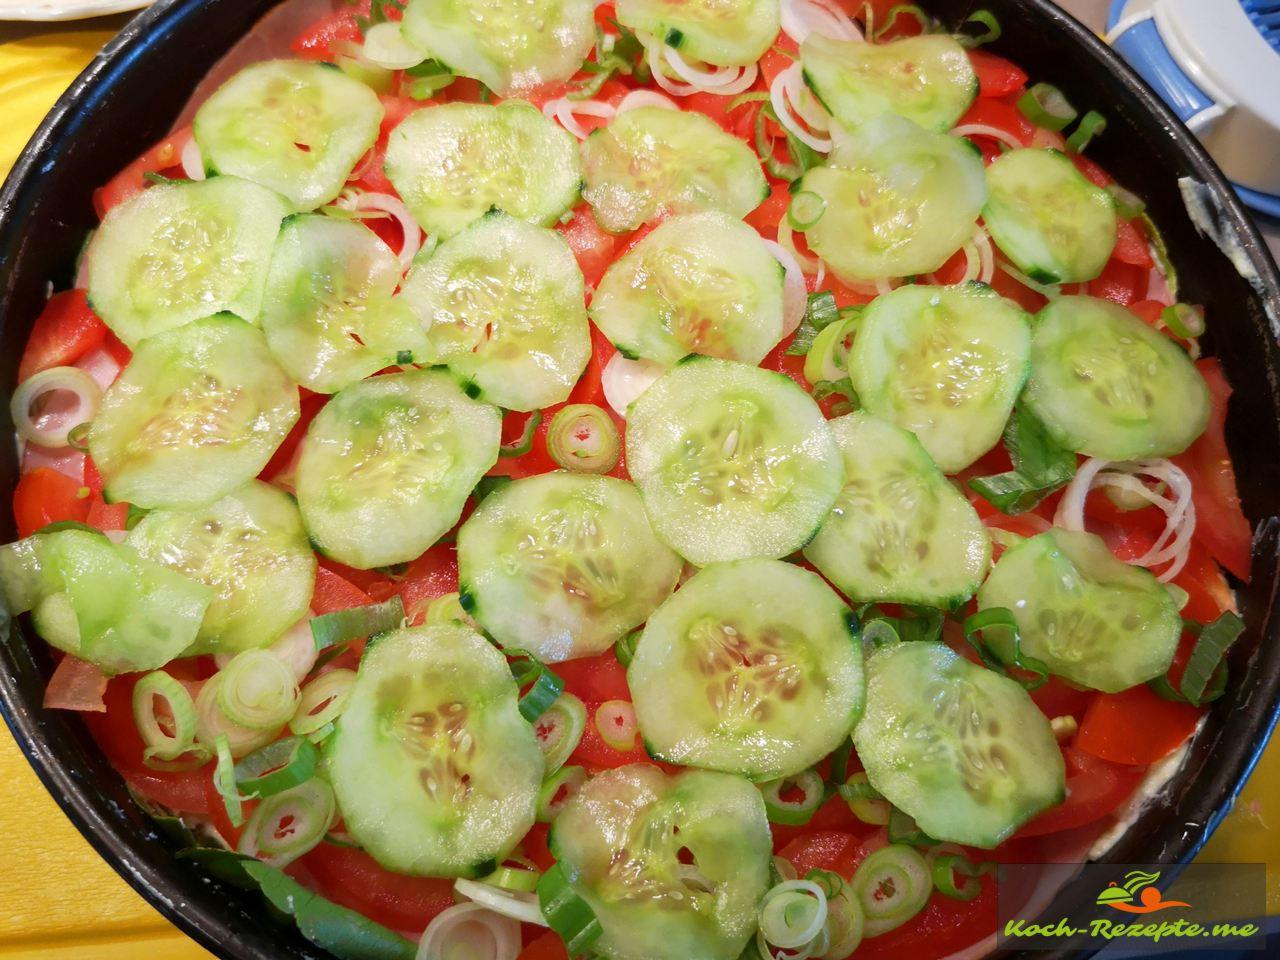 Salatgurkenscheiben schichten